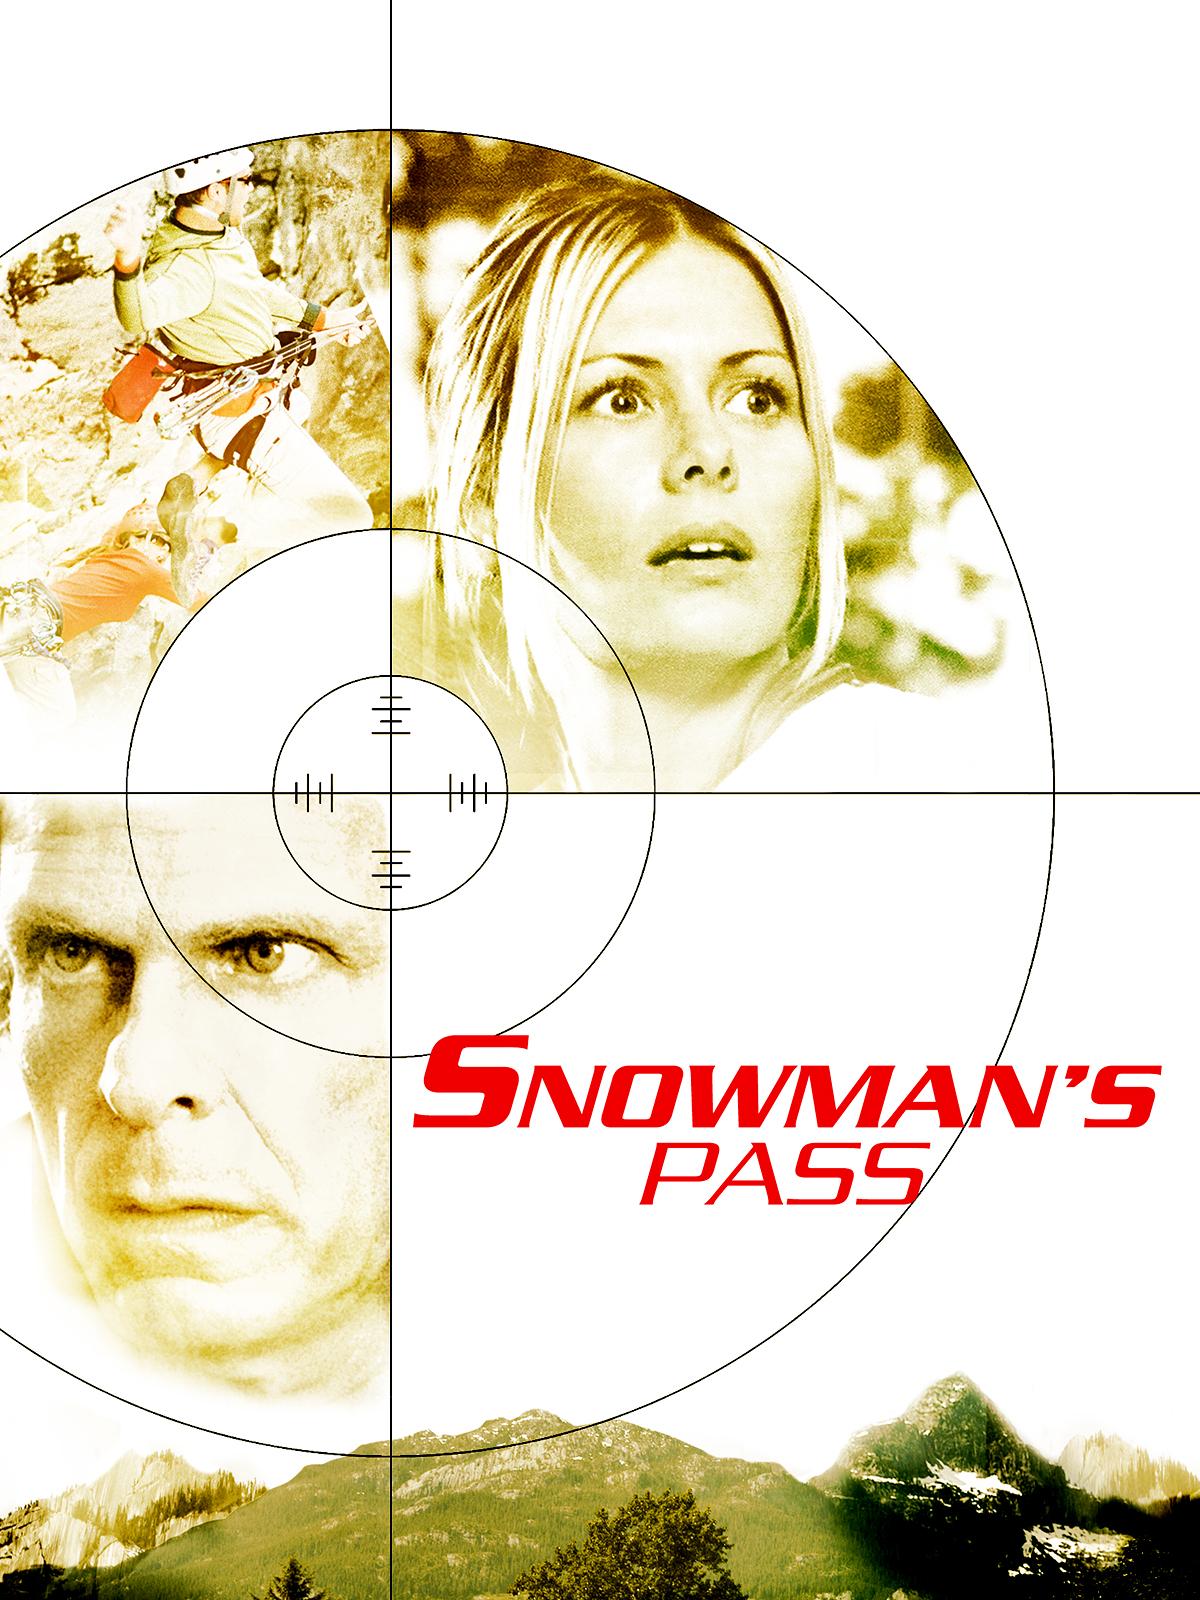 Here-SnowmansPass-Full-Image-en-US.jpg